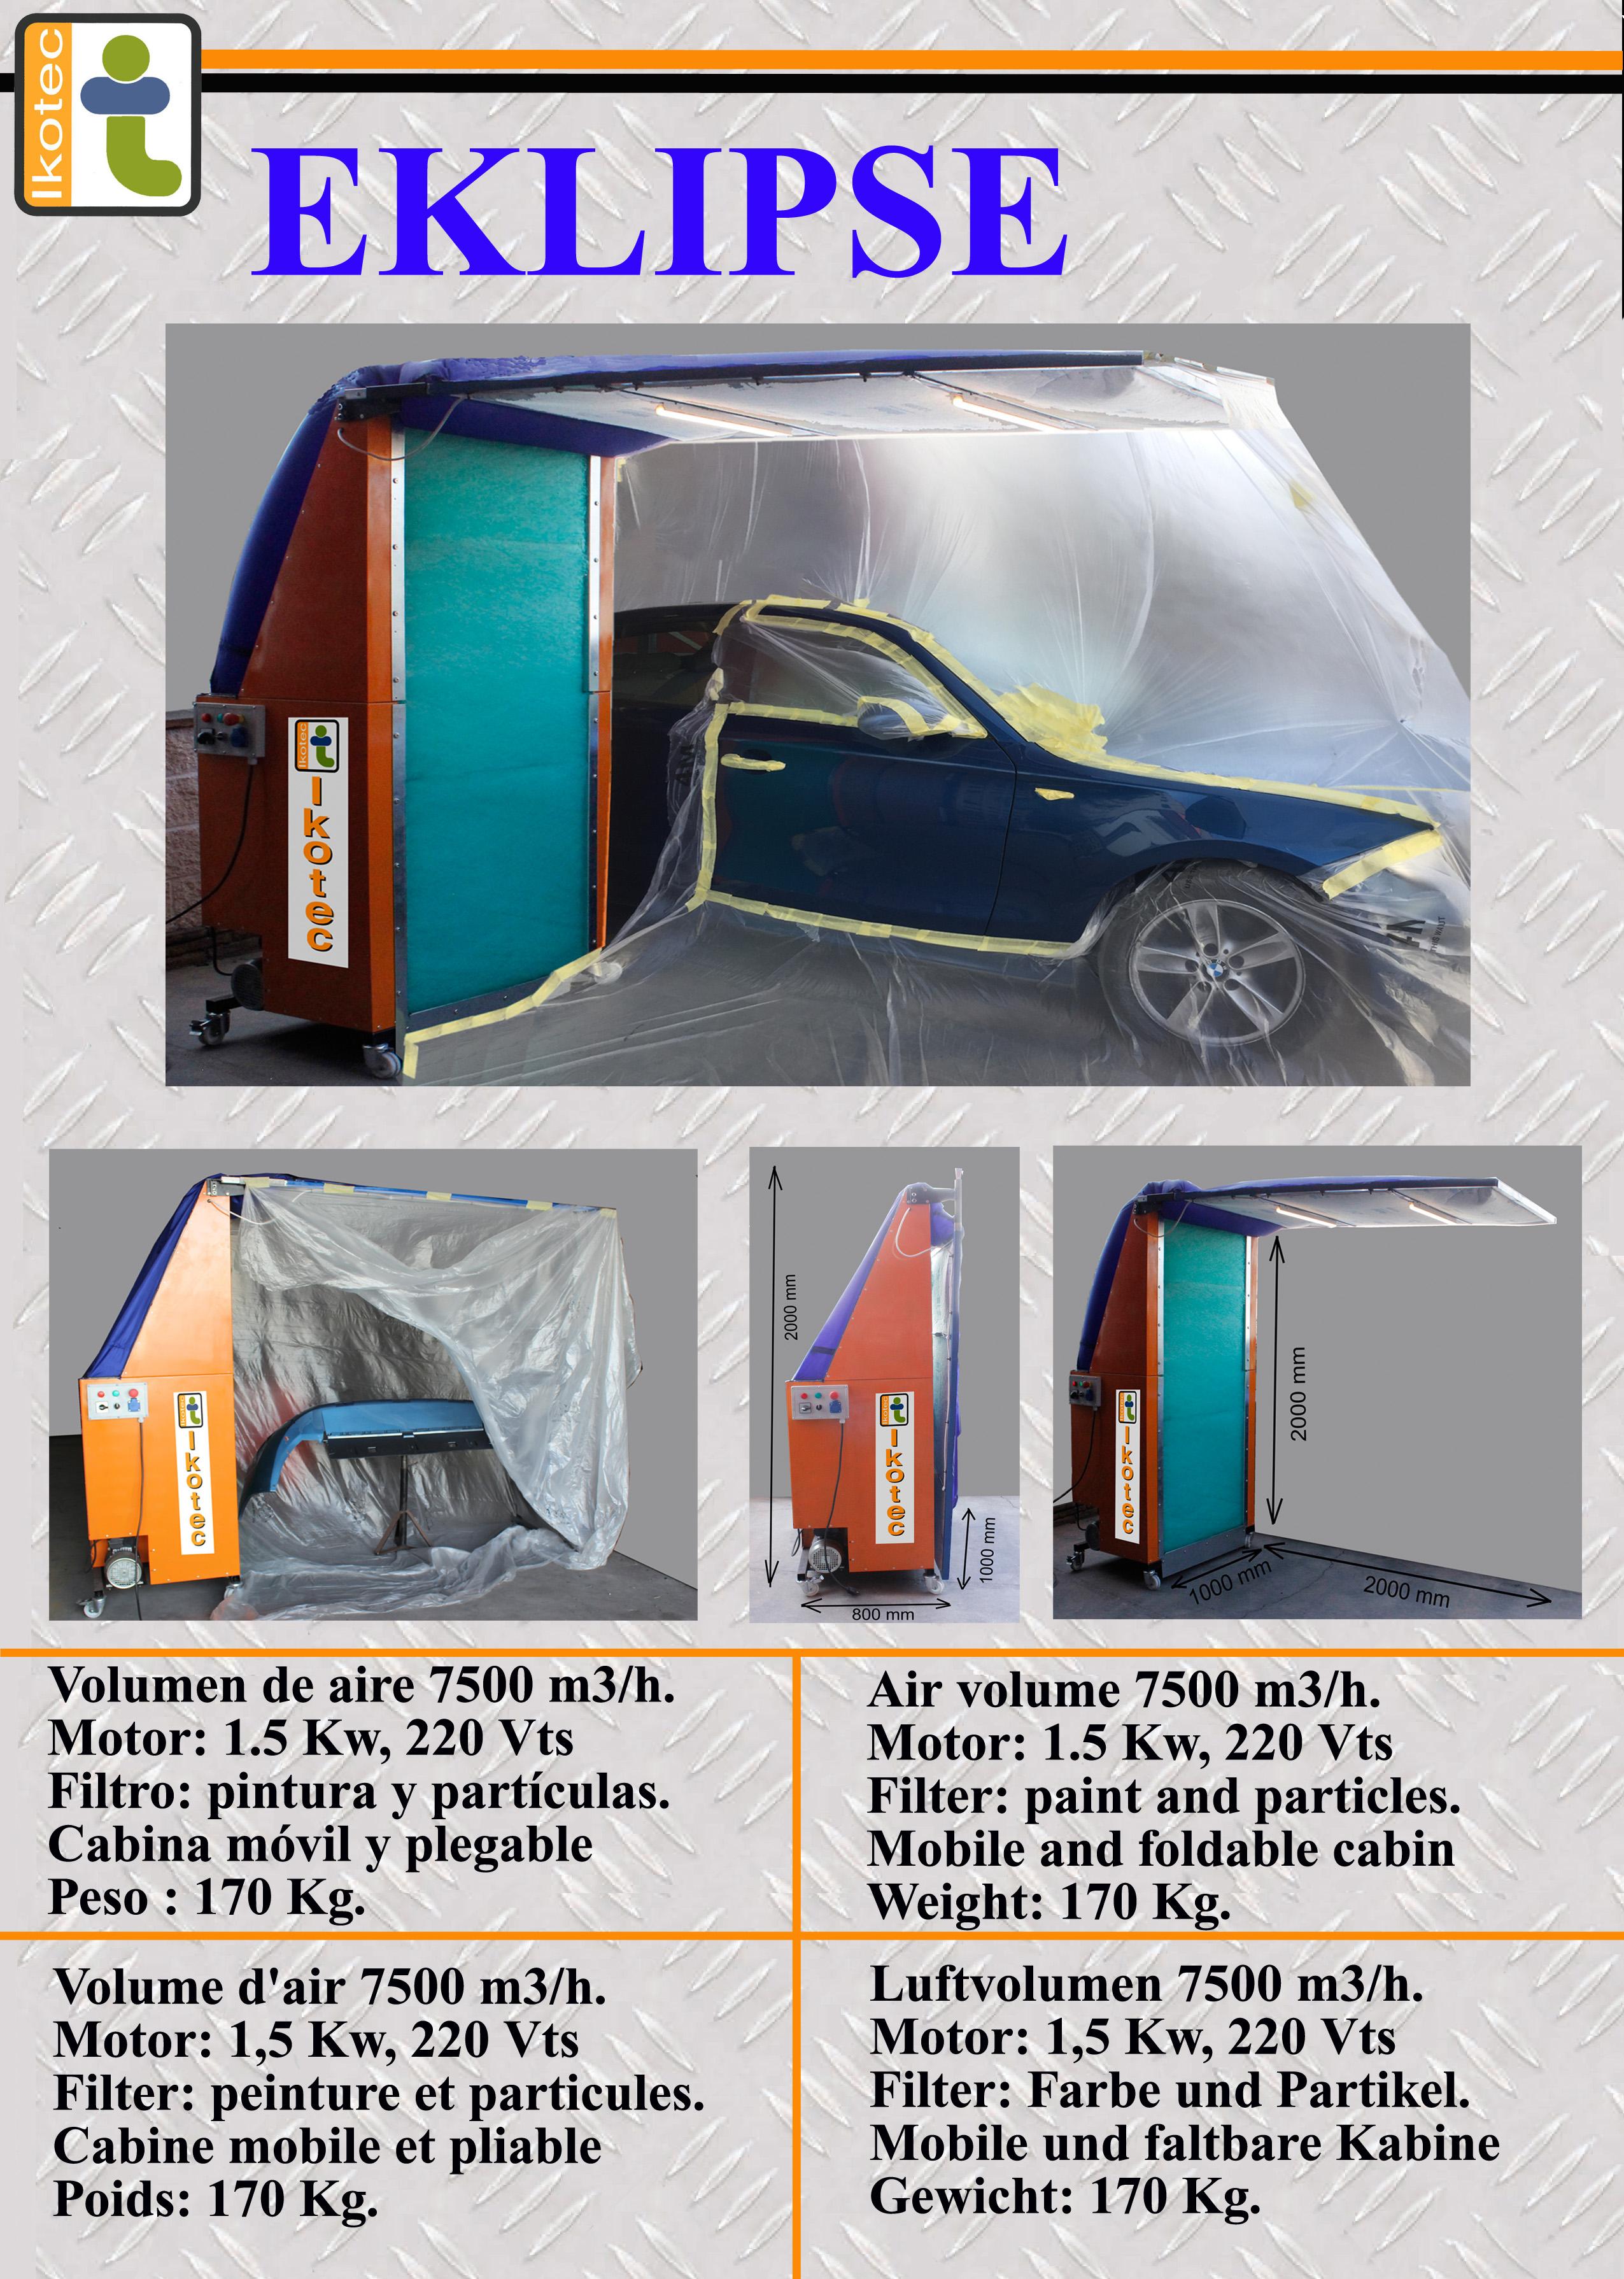 cabina de pintura móvil